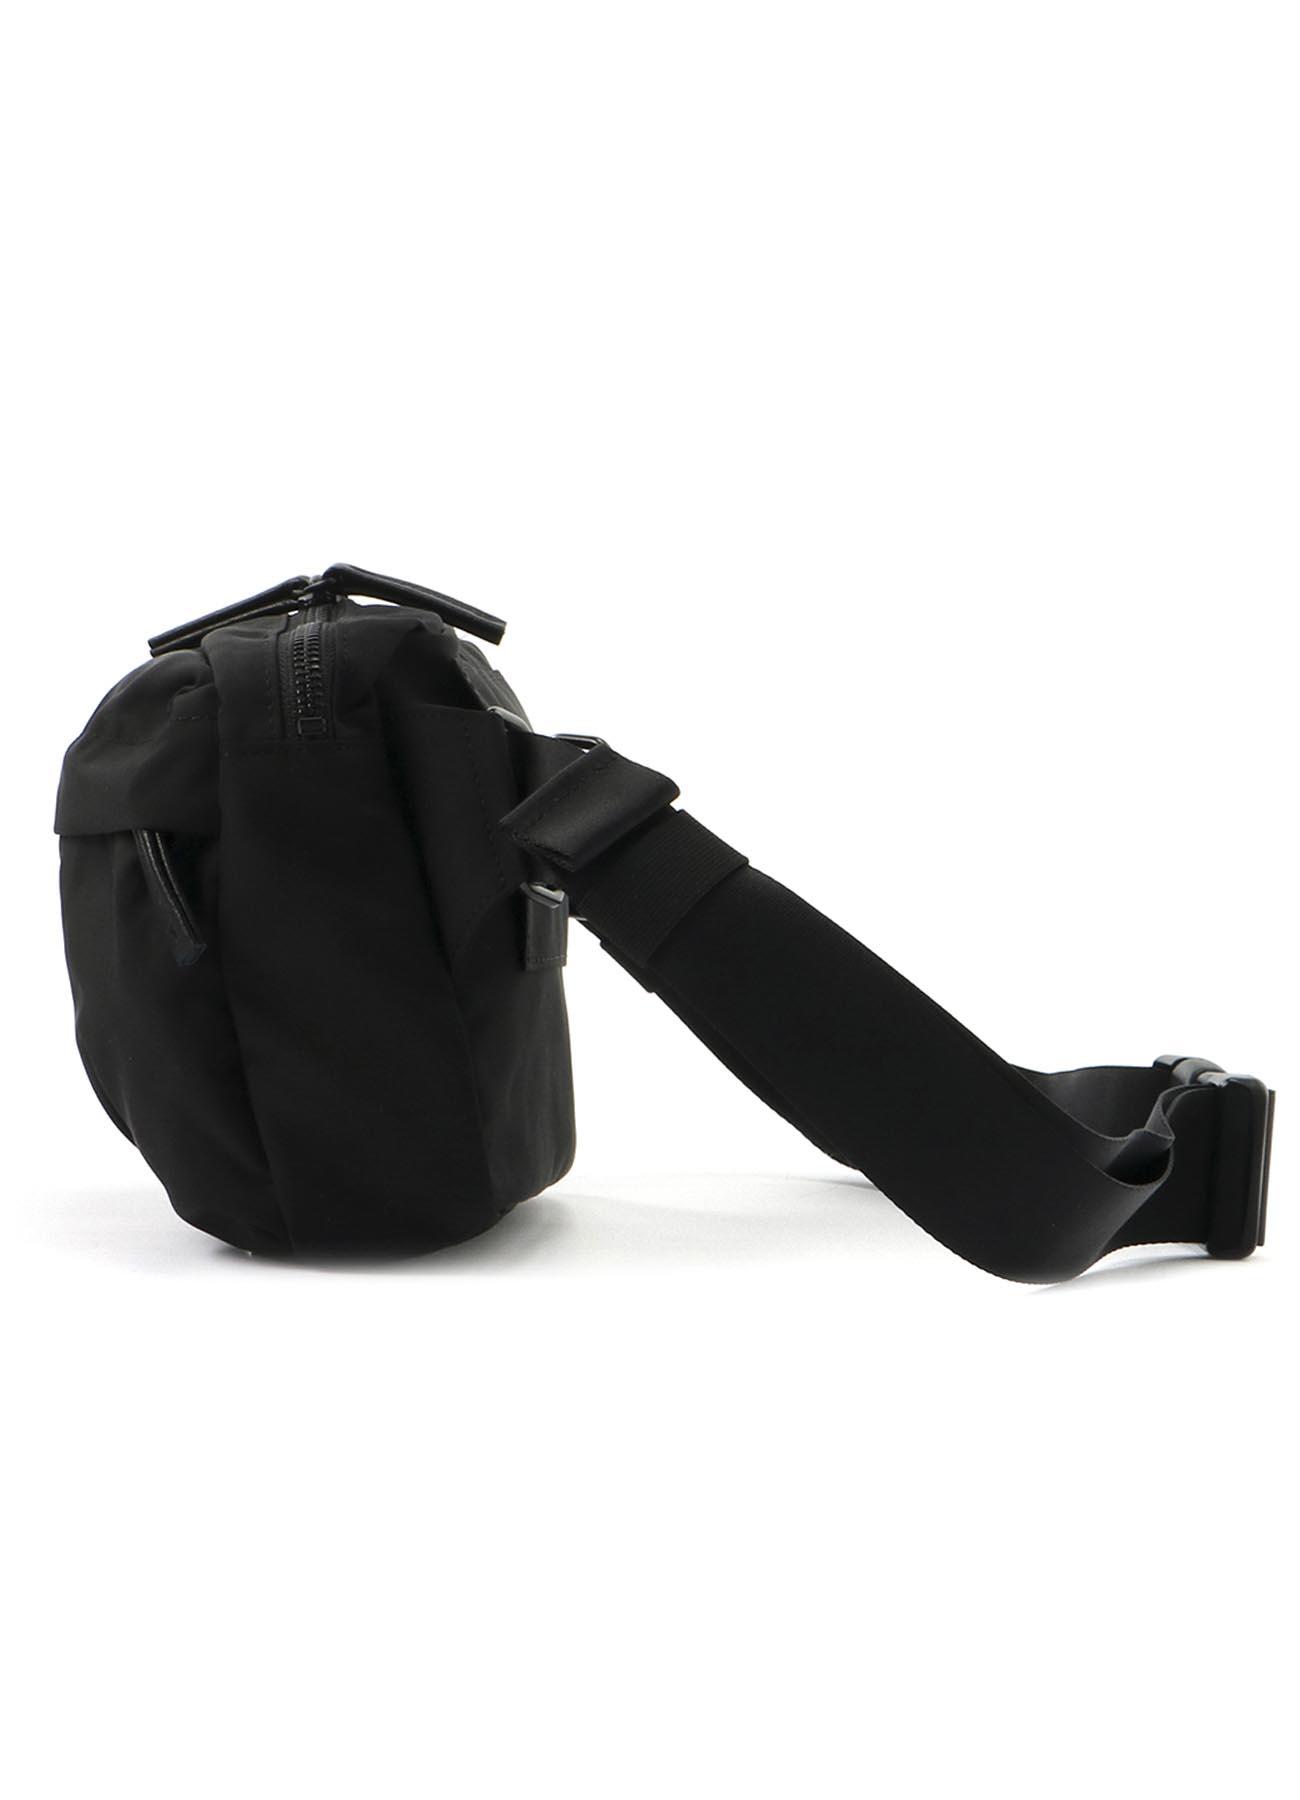 牛津布腰包